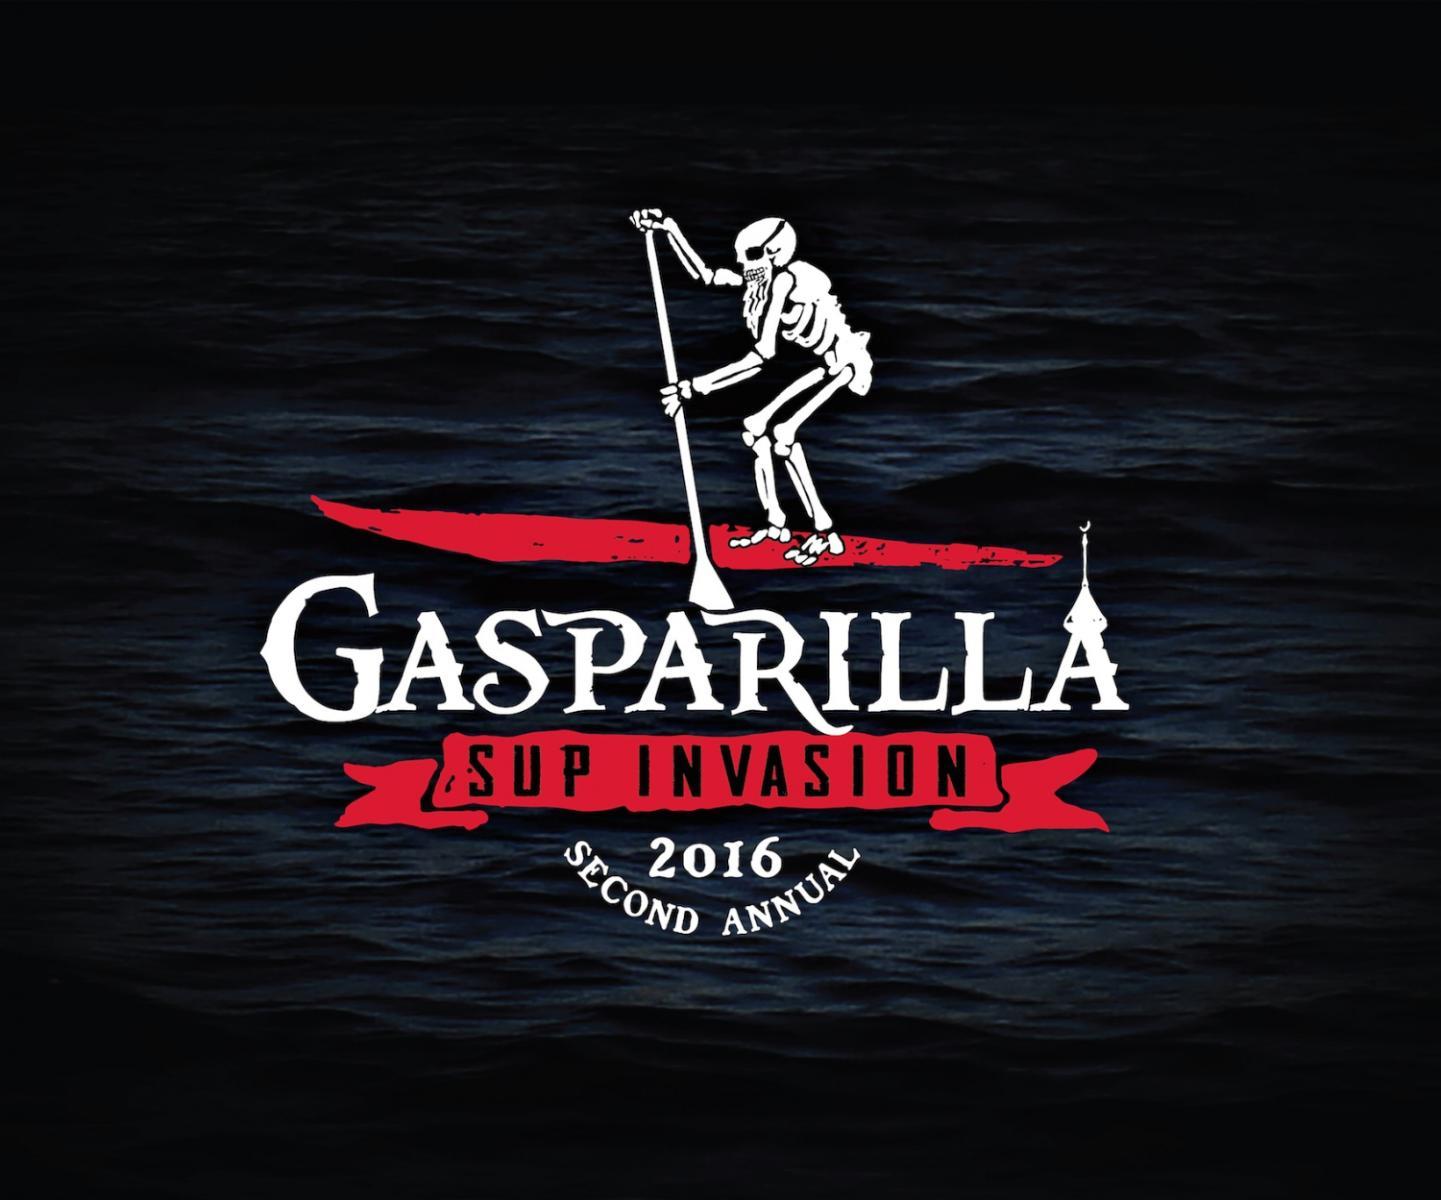 Gasparilla SUP Invasion 2016